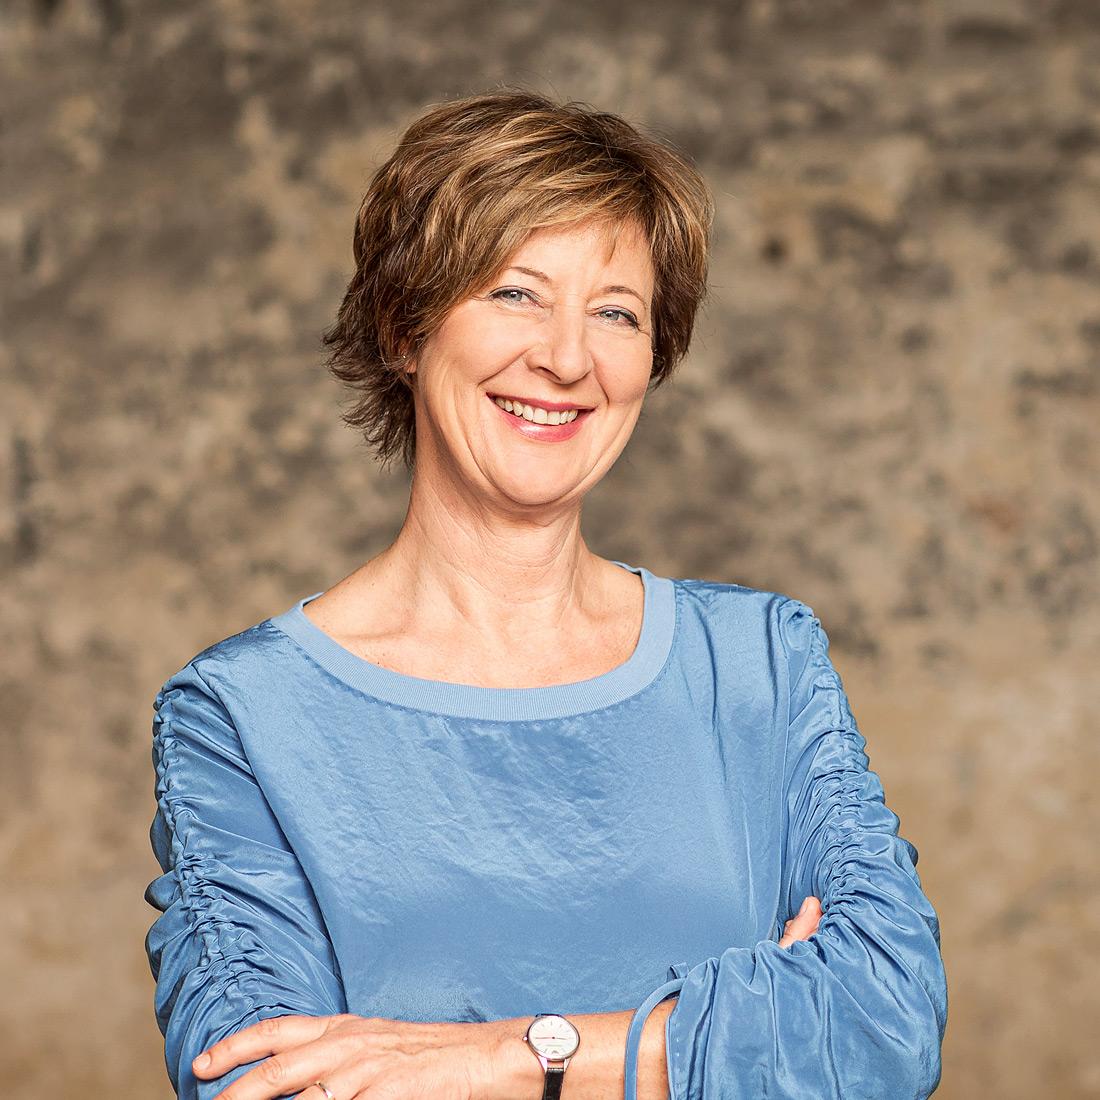 Ingrid Karius